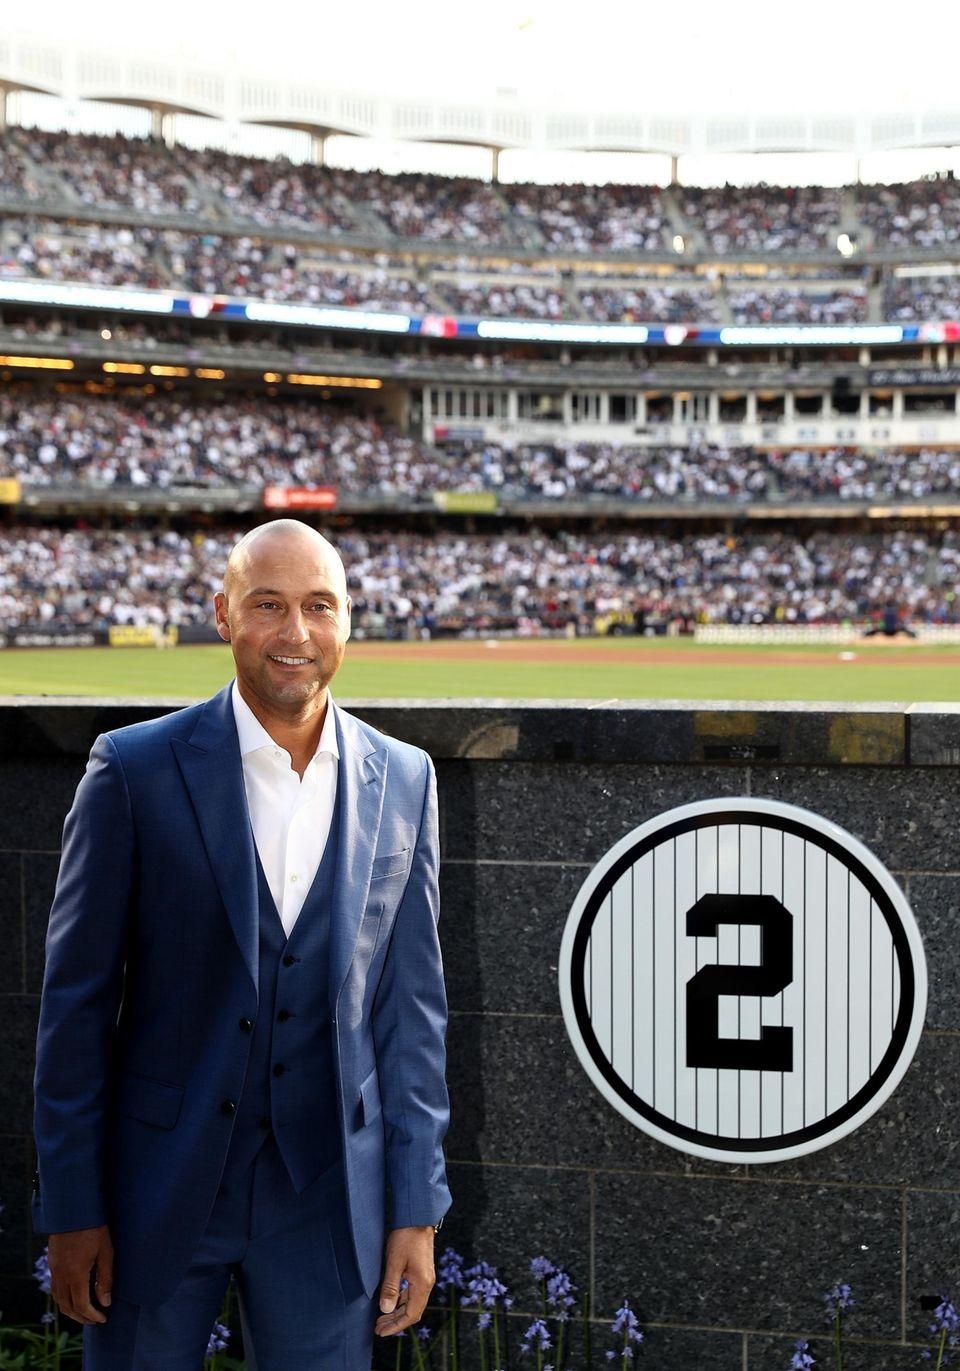 Retired New York Yankees captain Derek Jeter next